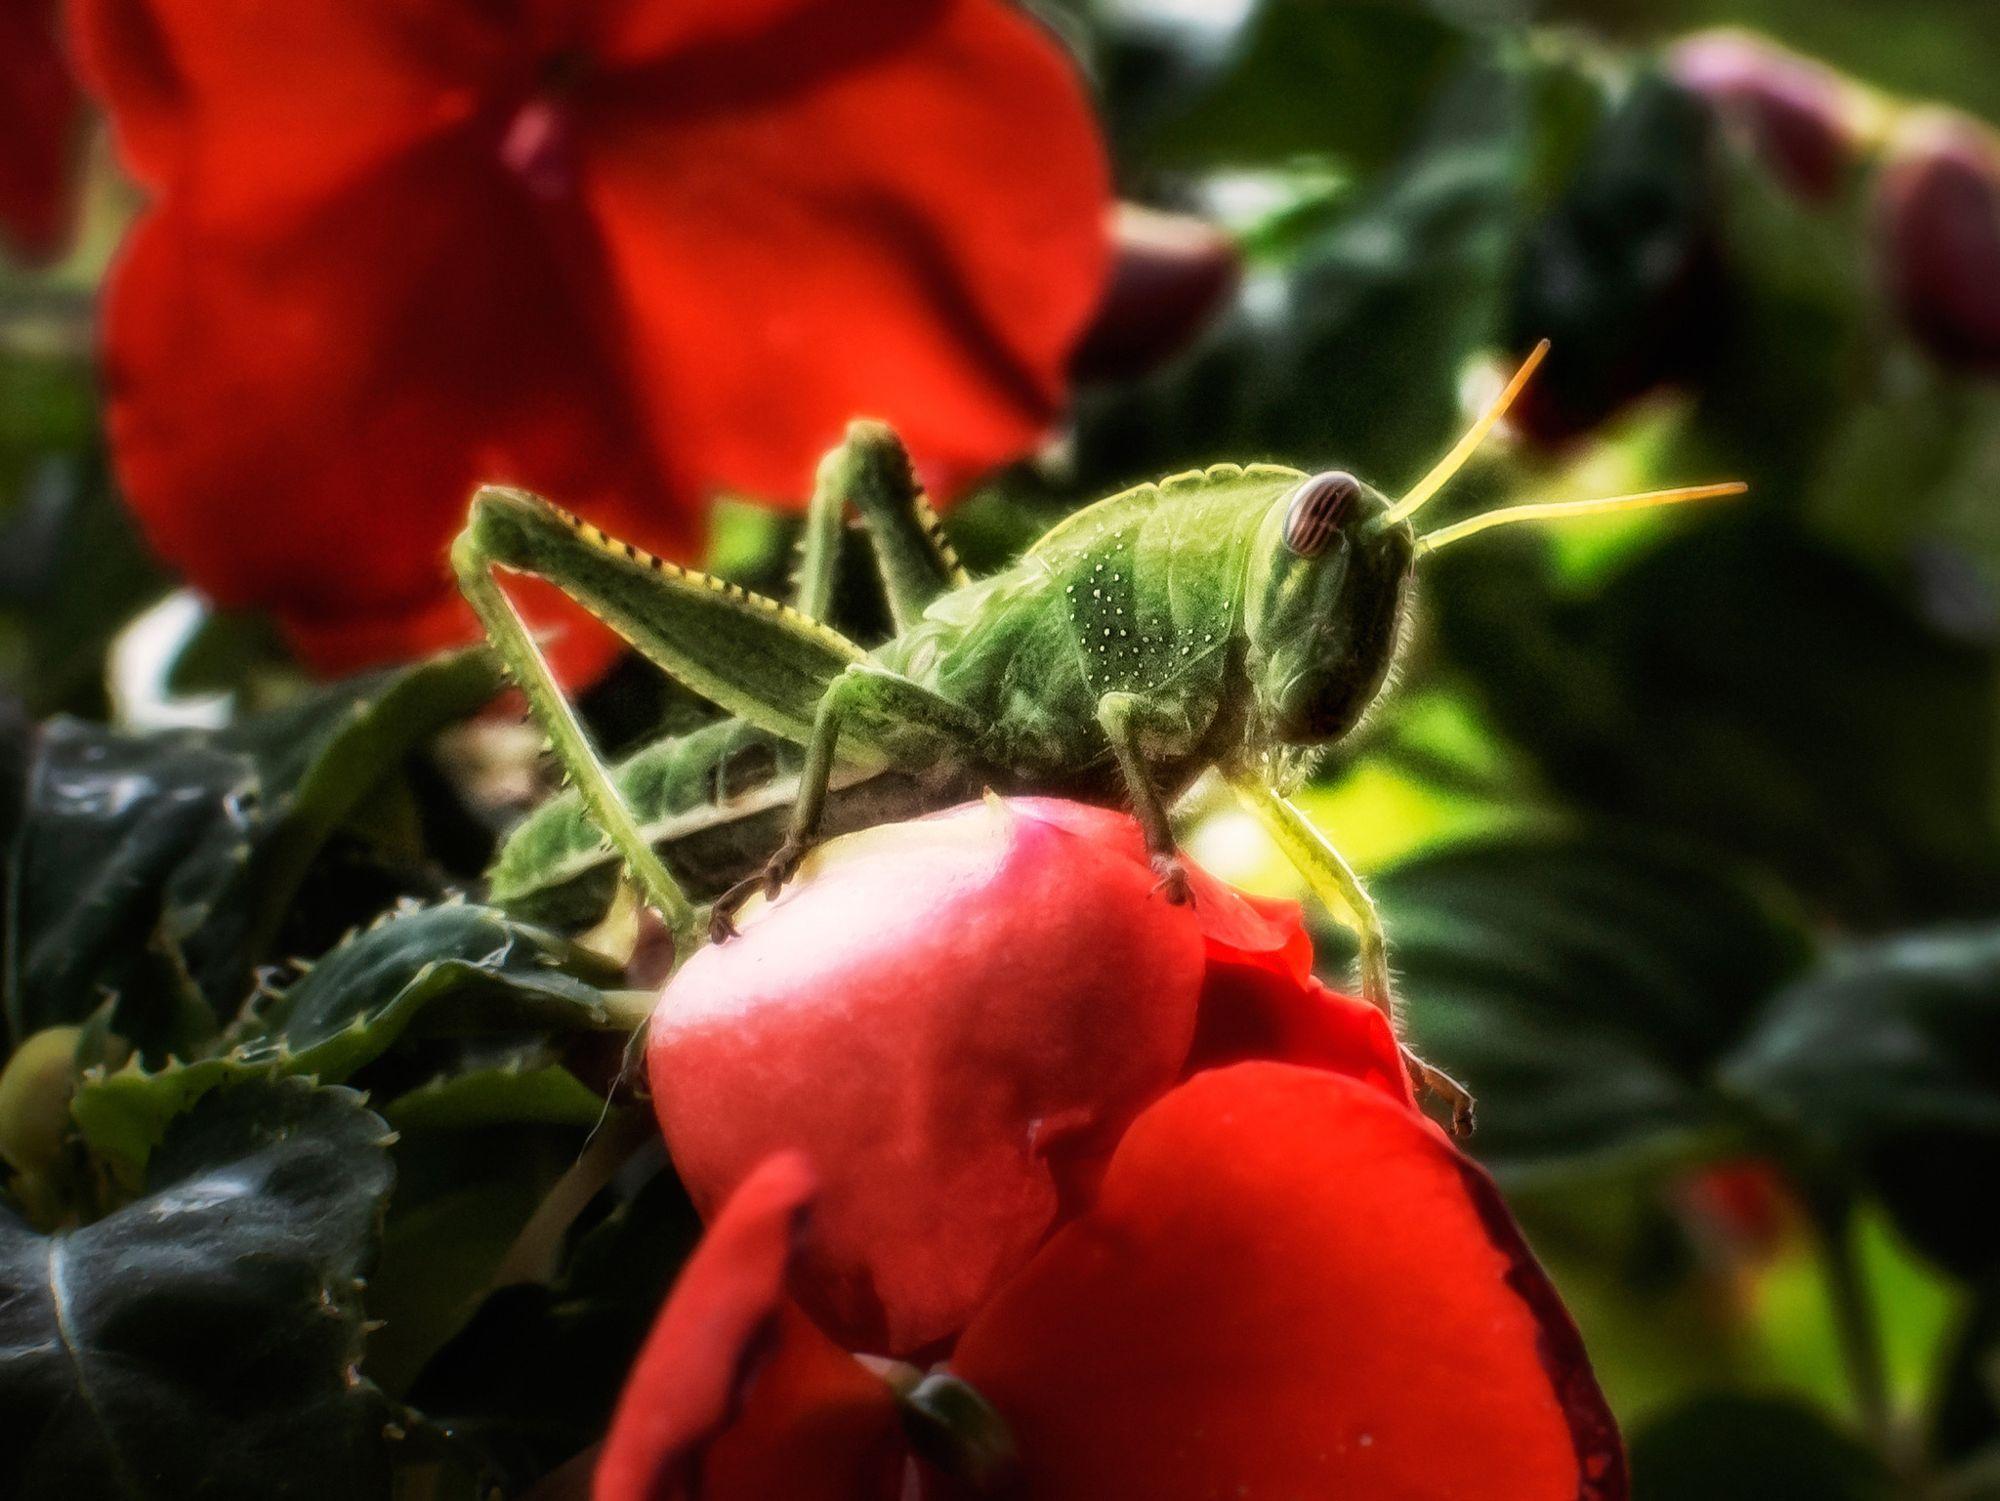 cricket  Macro photo by francescogaudino http://rarme.com/?F9gZi